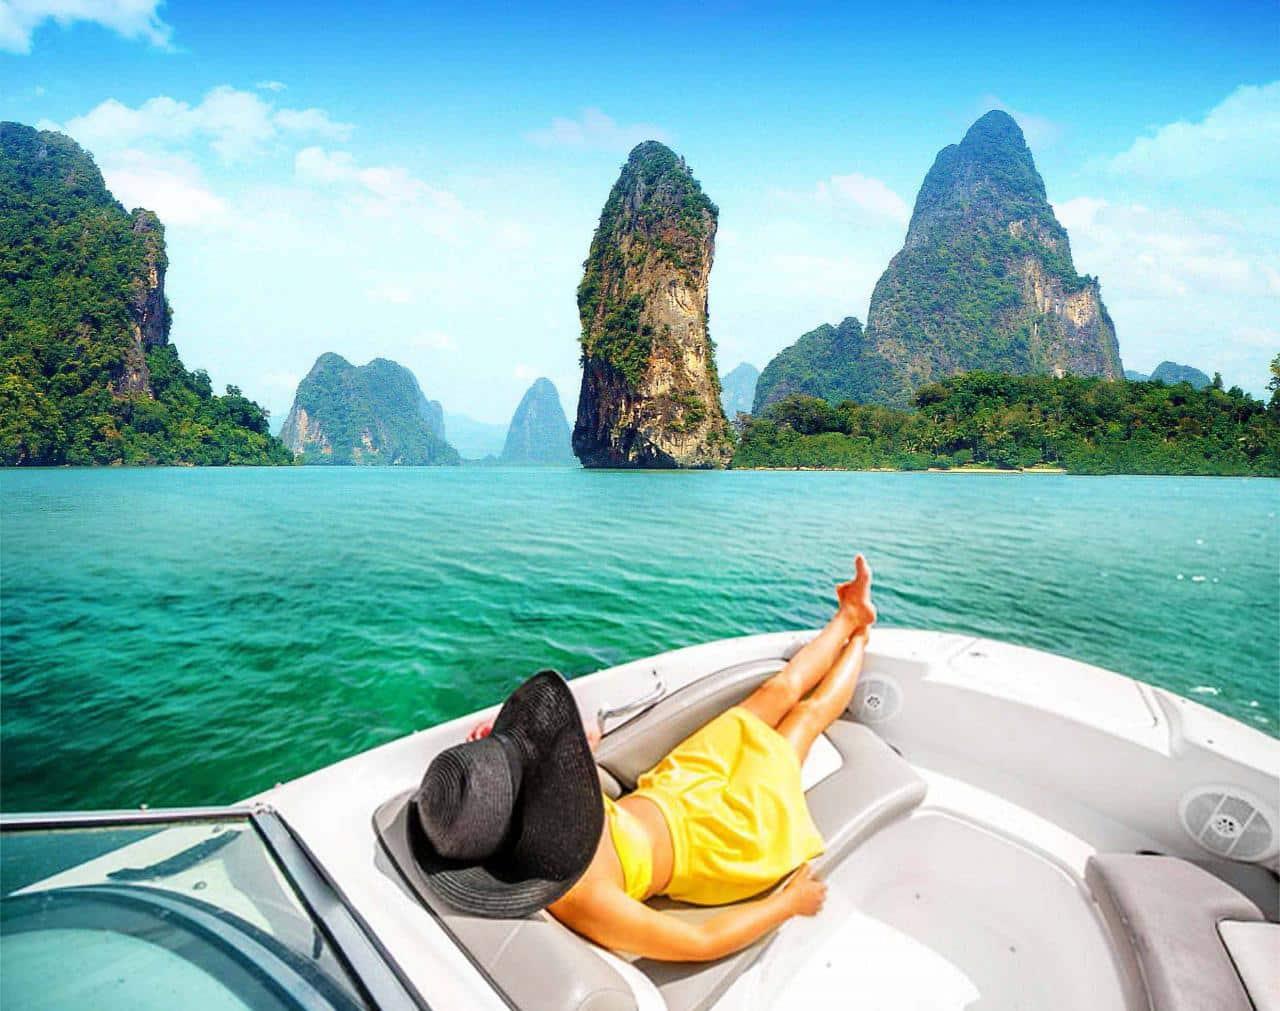 Royal Phuket Marina Phang Nga Bay